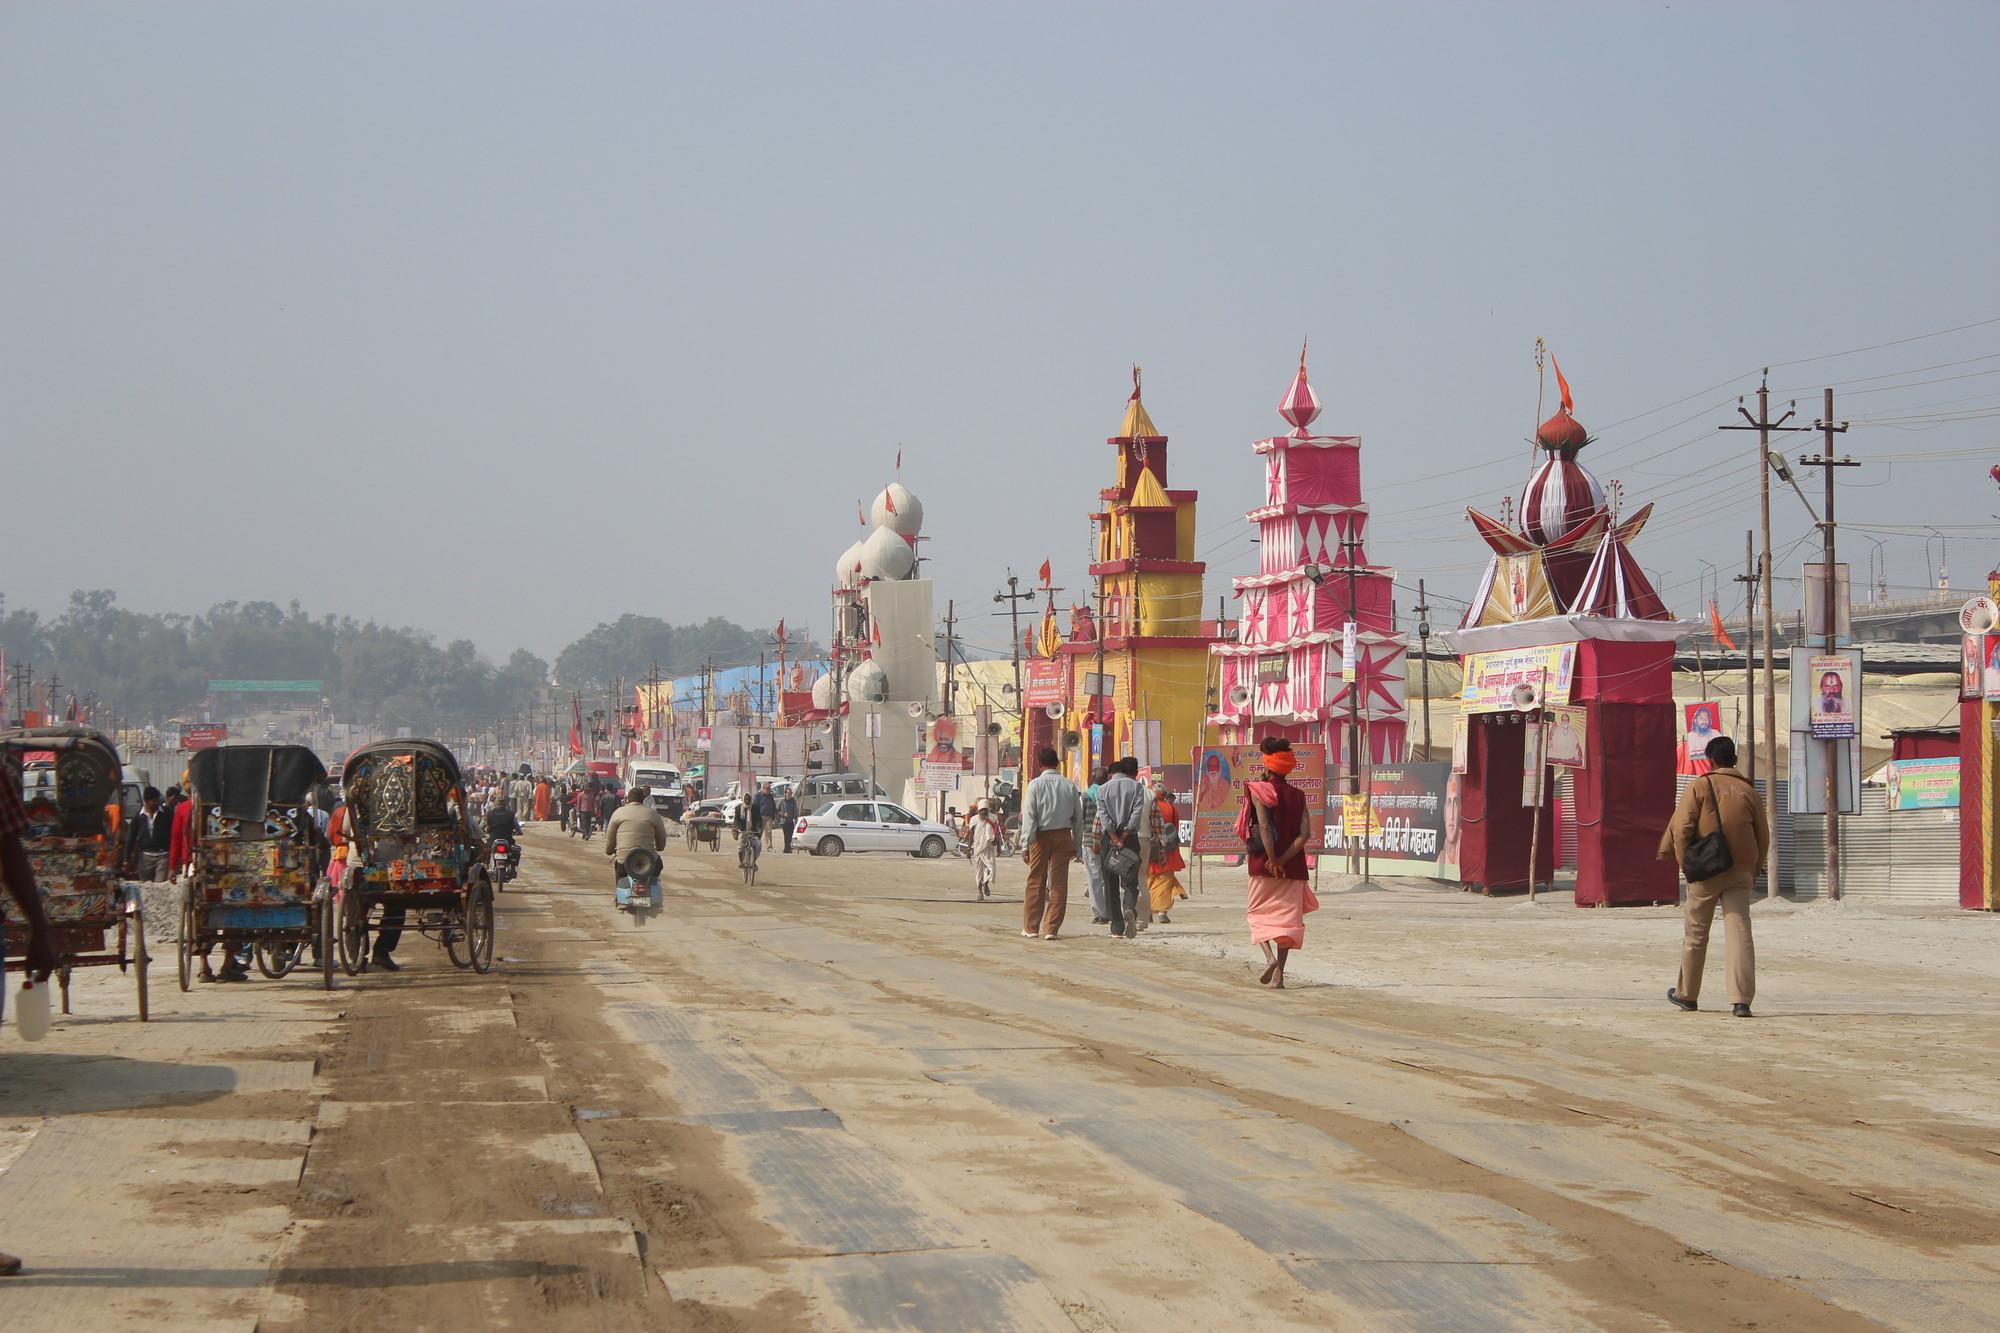 Kumbh Mela : Aprendiendo de Ciudades Temporales, © Felipe Vera